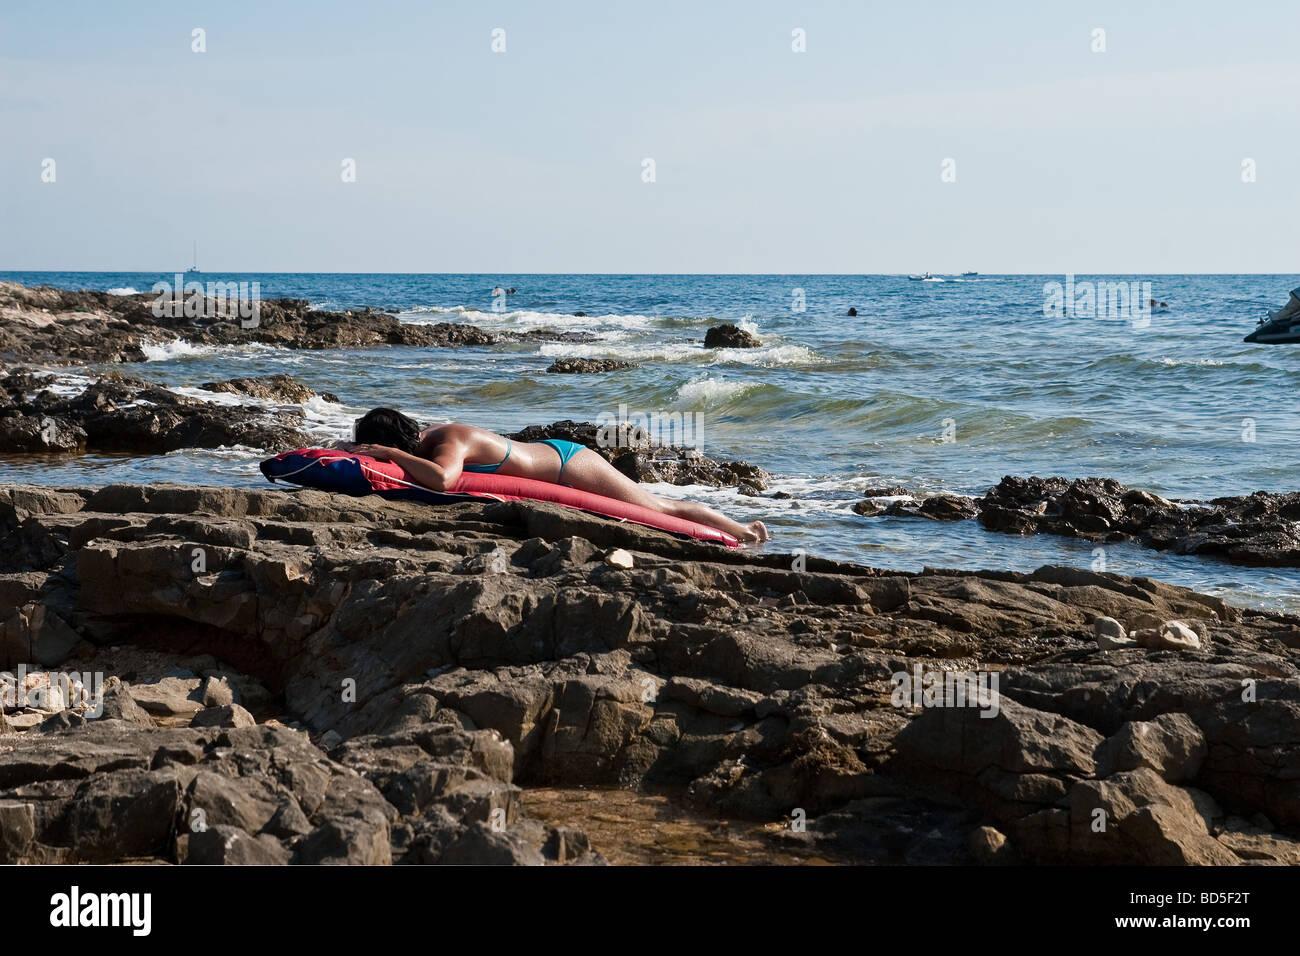 Sea scene off the coast off Istria Croatia - Stock Image